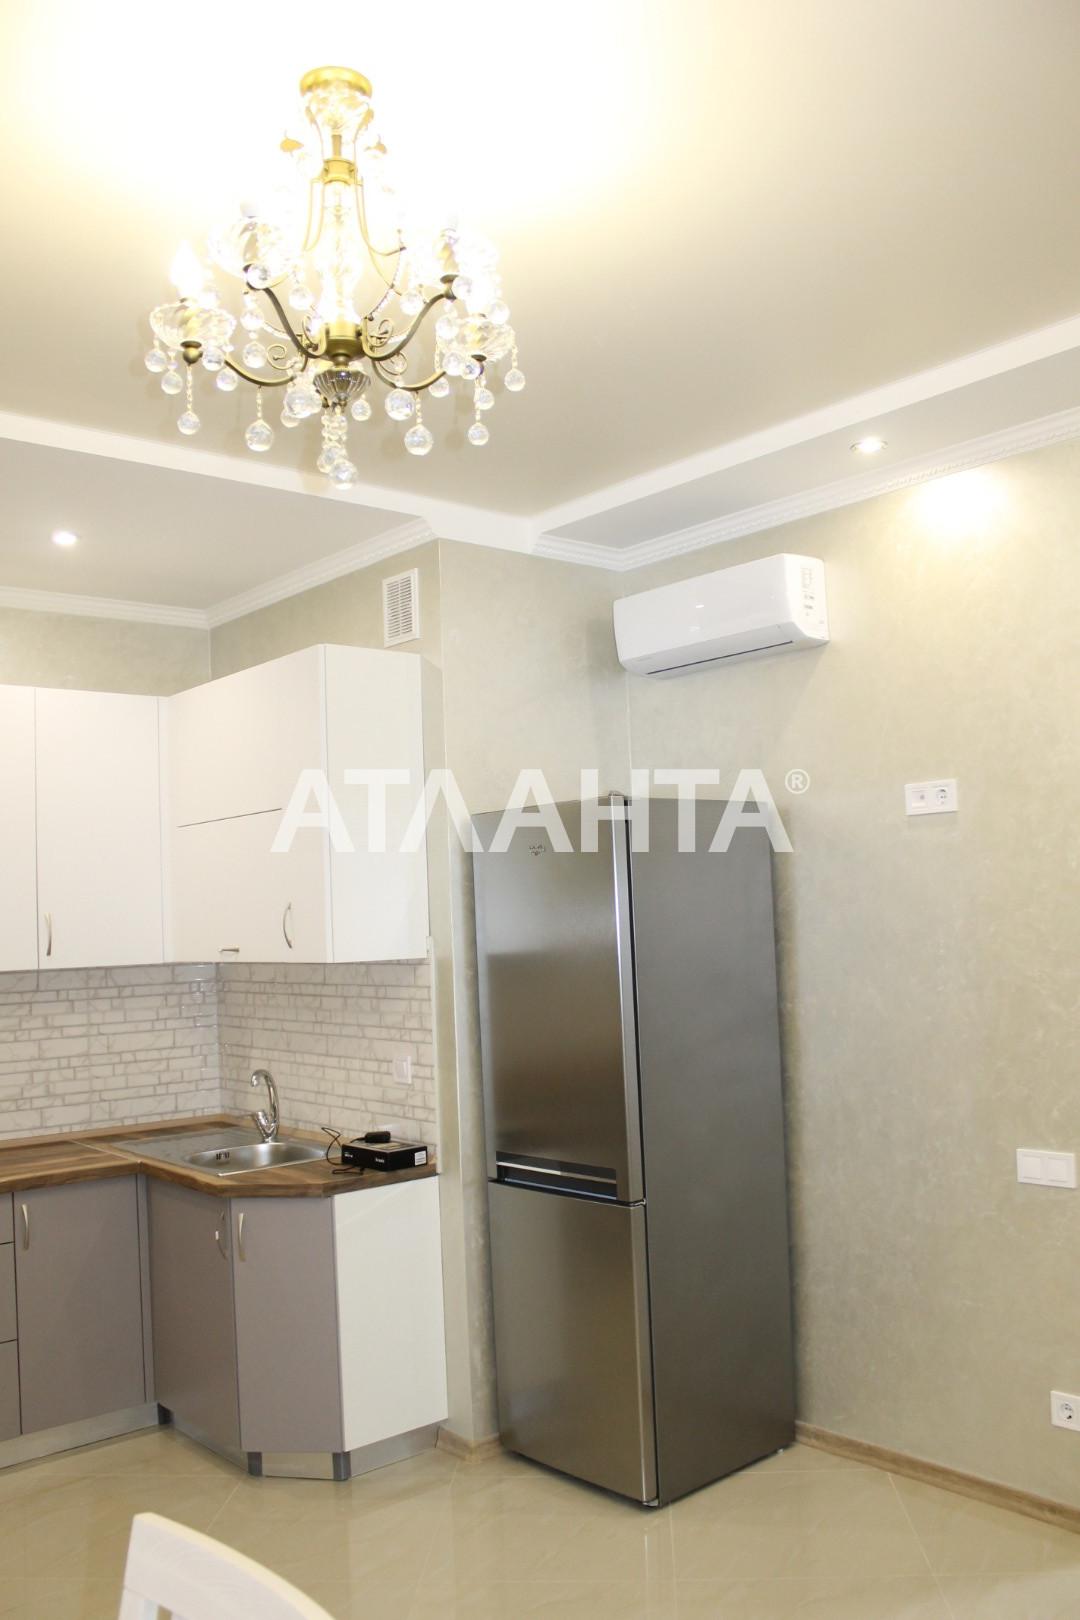 Продается 2-комнатная Квартира на ул. Люстдорфская Дор. (Черноморская Дор.) — 70 000 у.е. (фото №3)